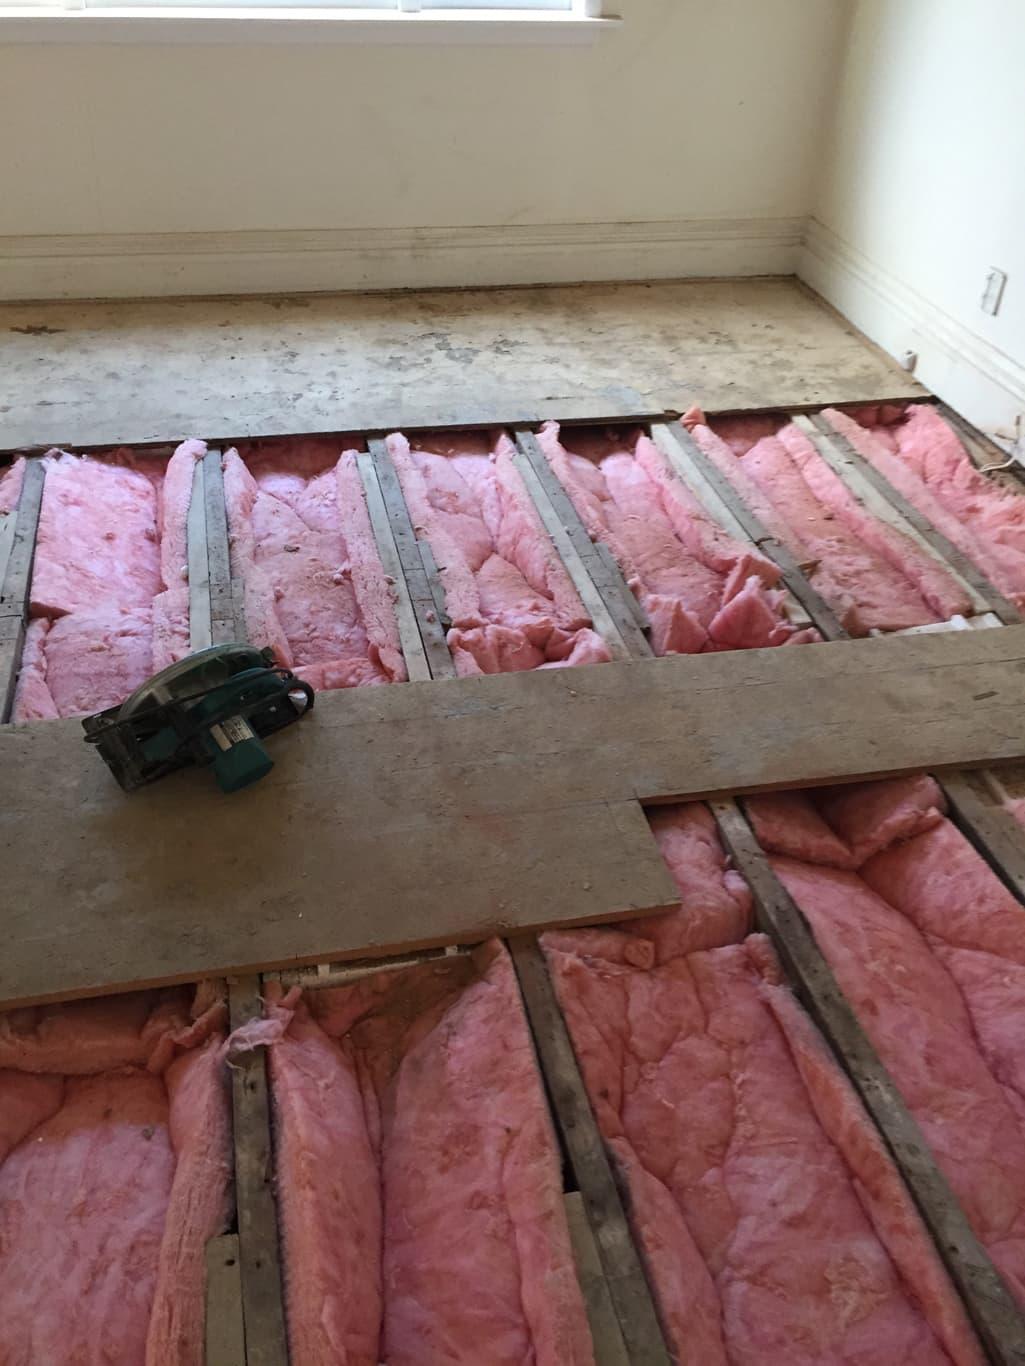 Underfloor insulation installation service in Christchurch